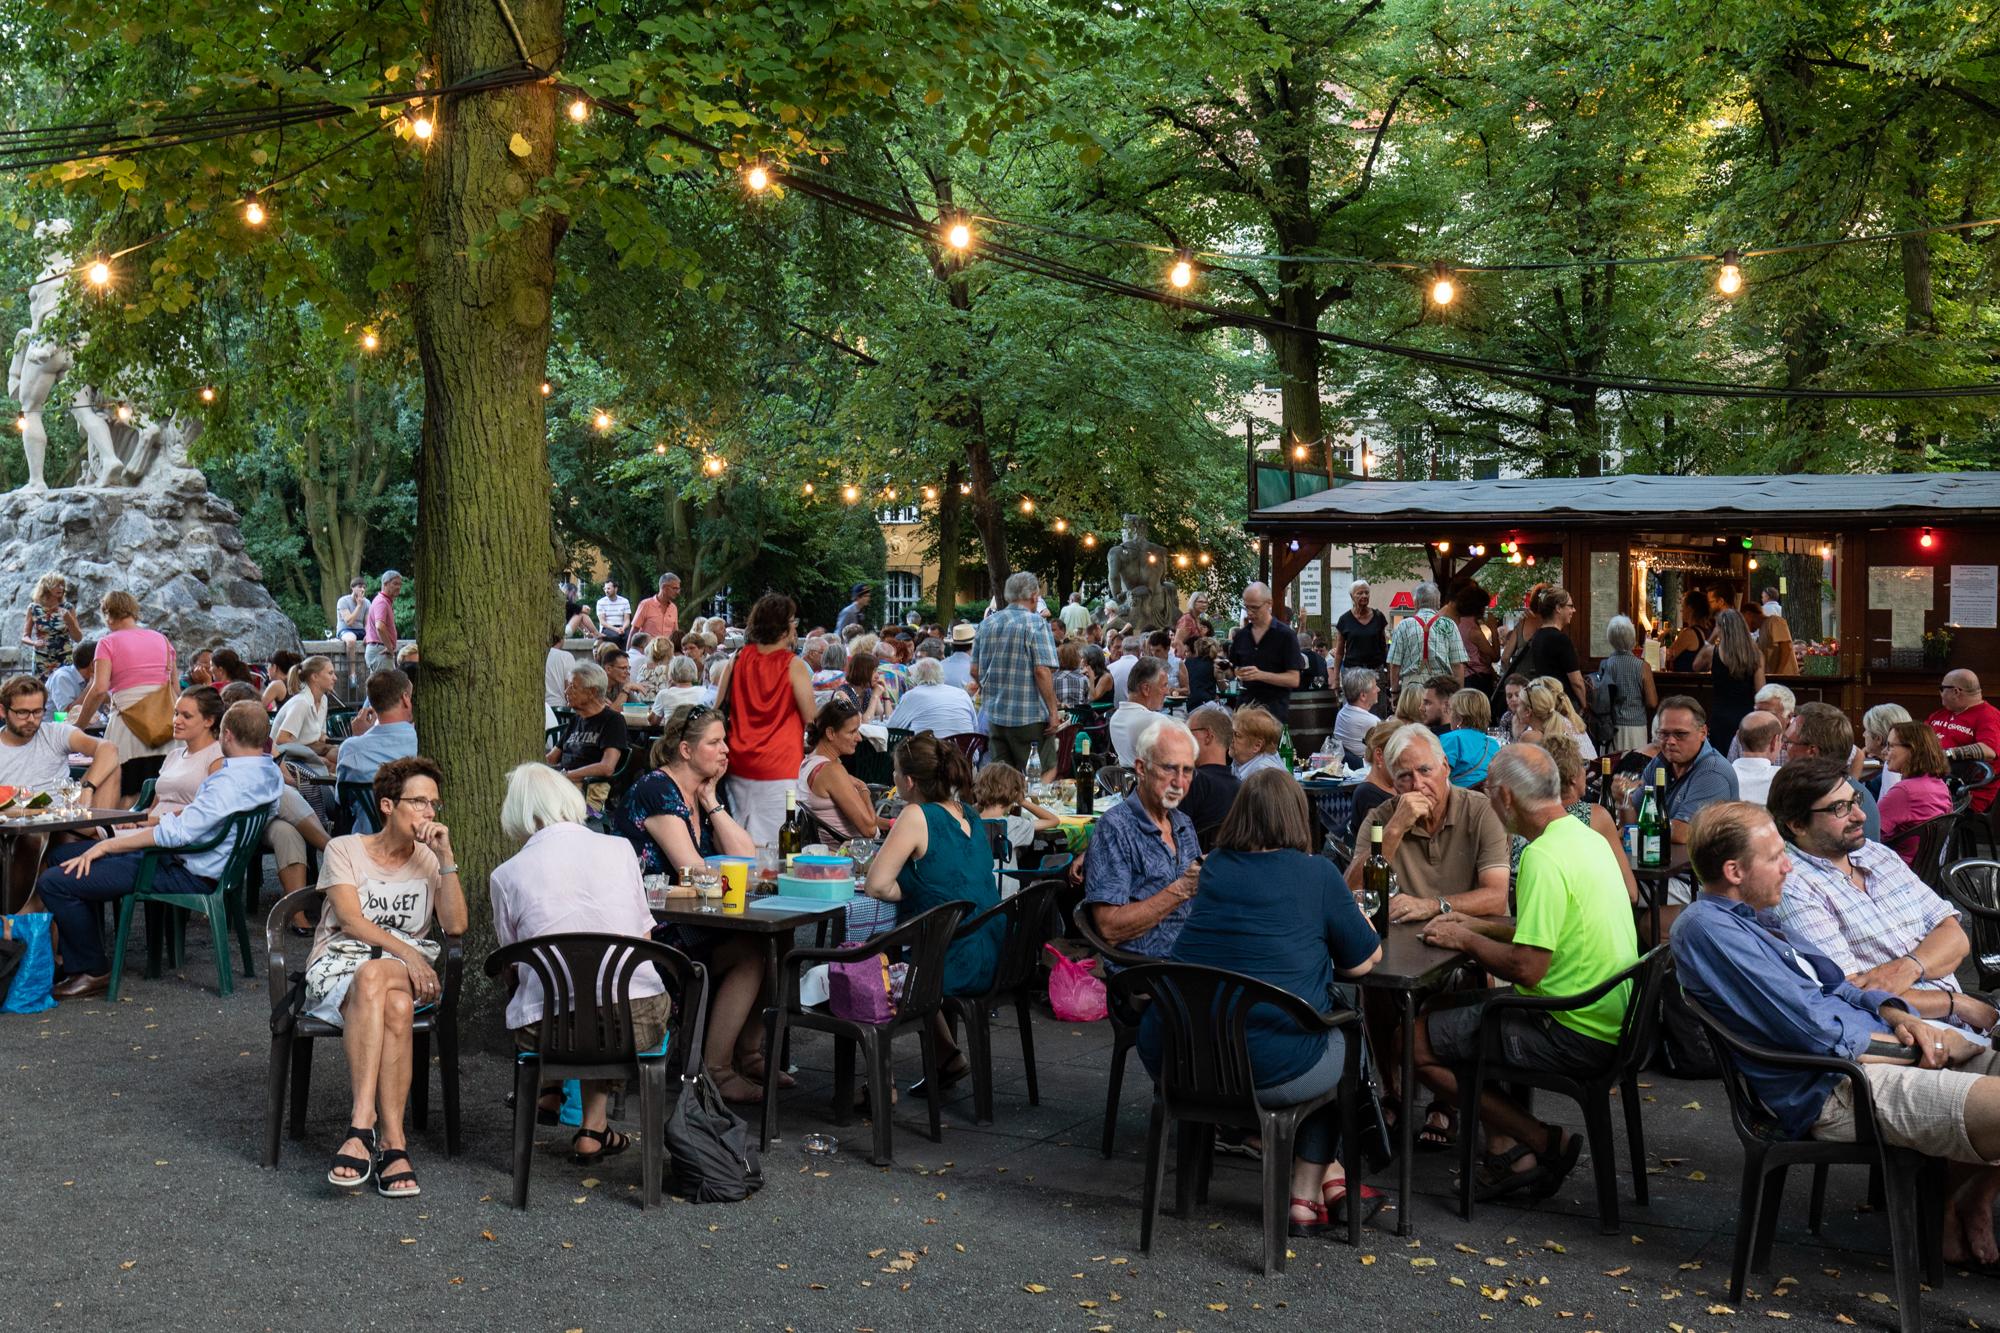 Gäste unter den Lichtern in den Bäumen am Rheingauer Weinbrunnen - eine Holzhütte, die Weine aus dem Rheingau-Taunus in Hessen am Rüdesheimer Platz in Berlin Wilmersdorf serviert